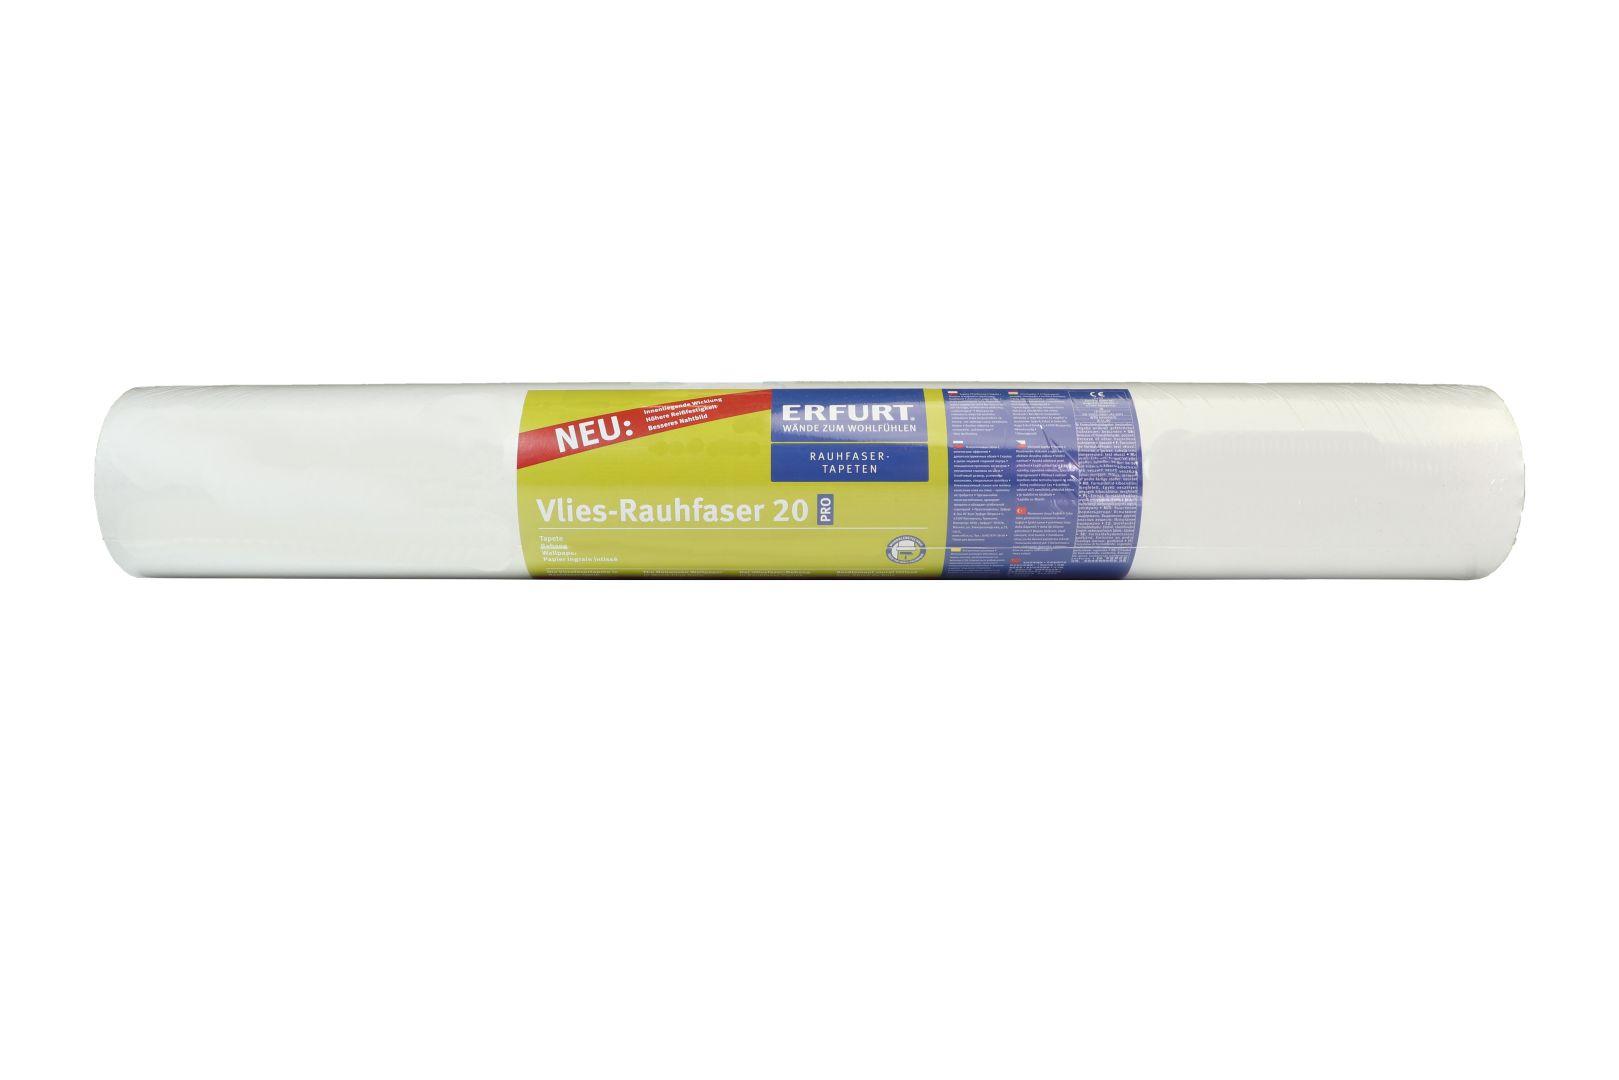 ERFURT Vlies-Rauhfaser Tapete 20 Pro, feine Struktur, 25 x 0,75 m, ausreichend für 18,75 m², Rolle